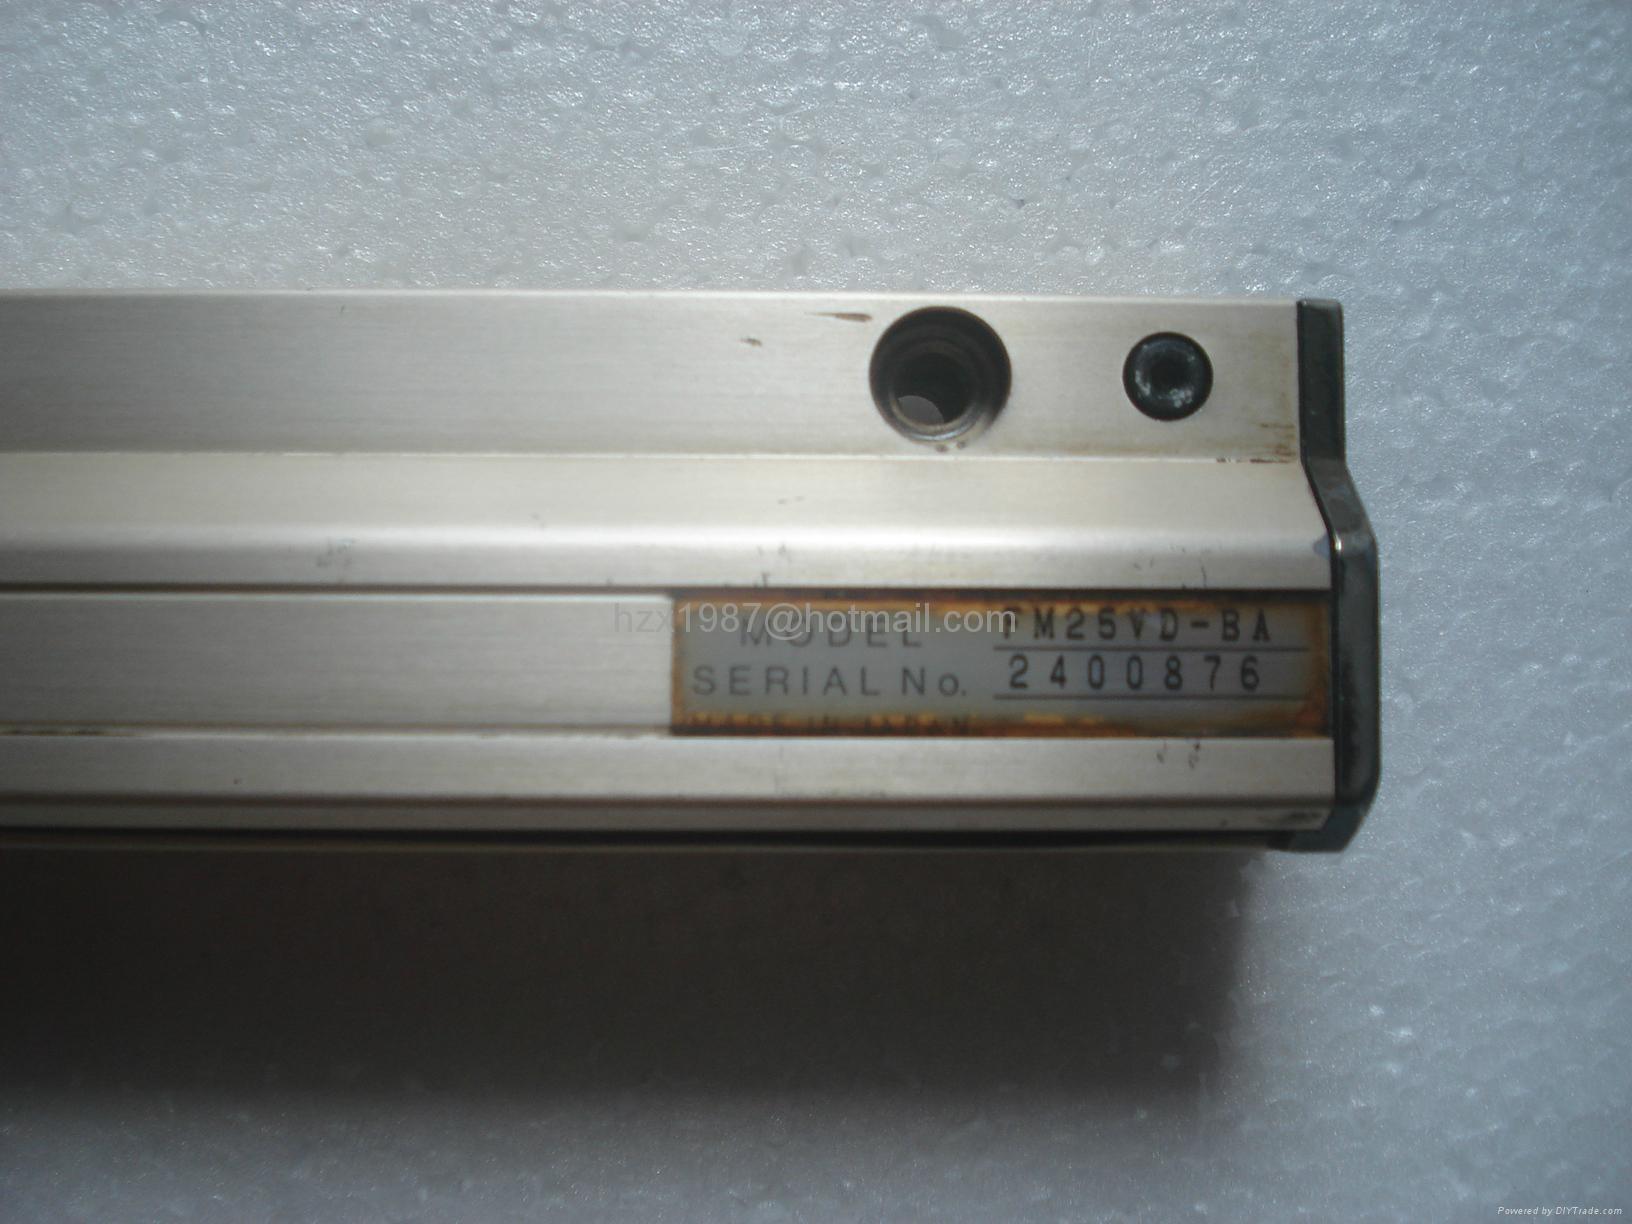 sell Pulscale FM85SFR81. FJM85DCTCA .FM65VC-B1 toshiba  hydraulic press used 9